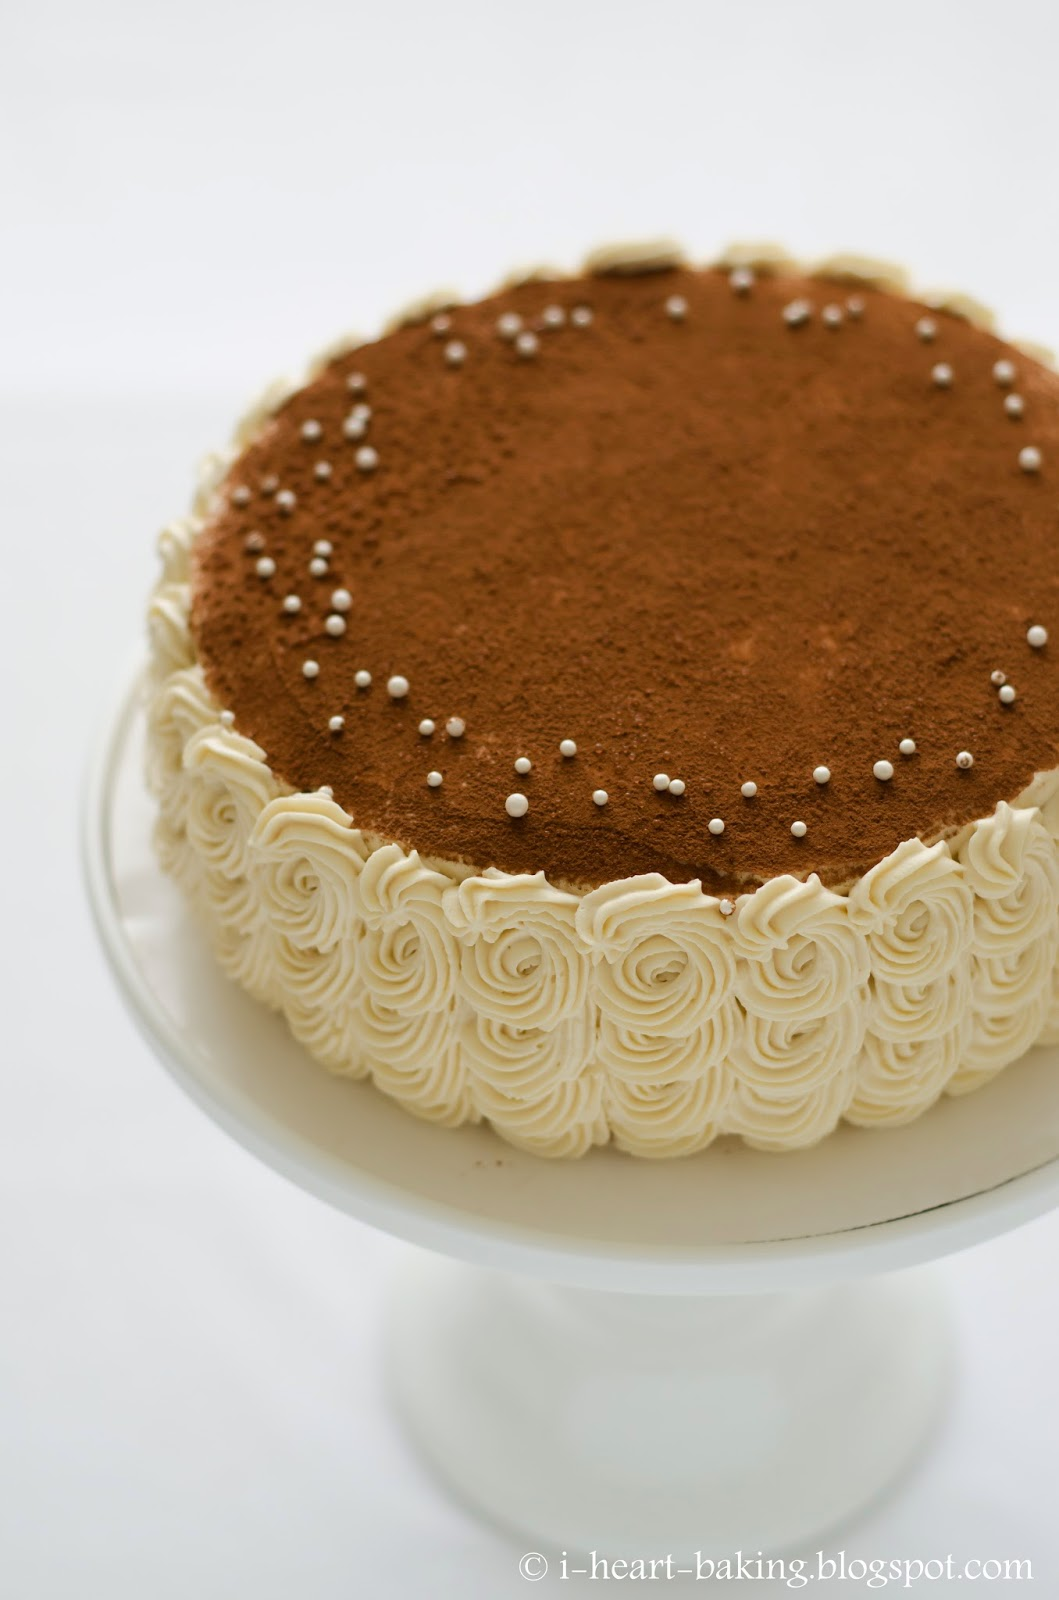 Tiramisu Cake Design I heart baking!: tiramisu birthday cake with ...